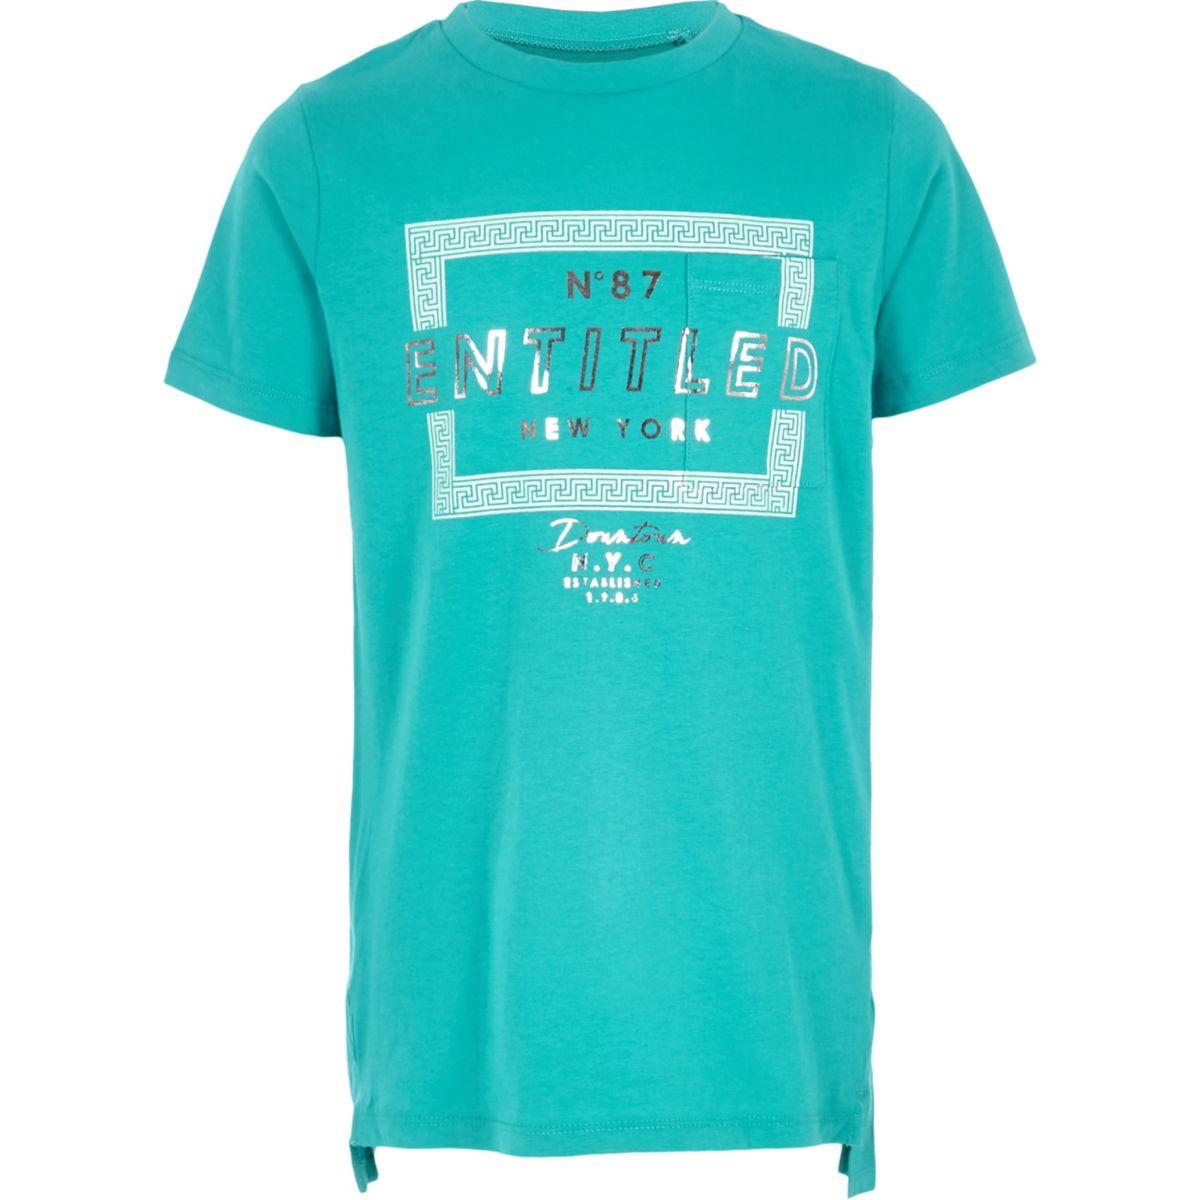 Boys turquoise 'entitled' T-shirt